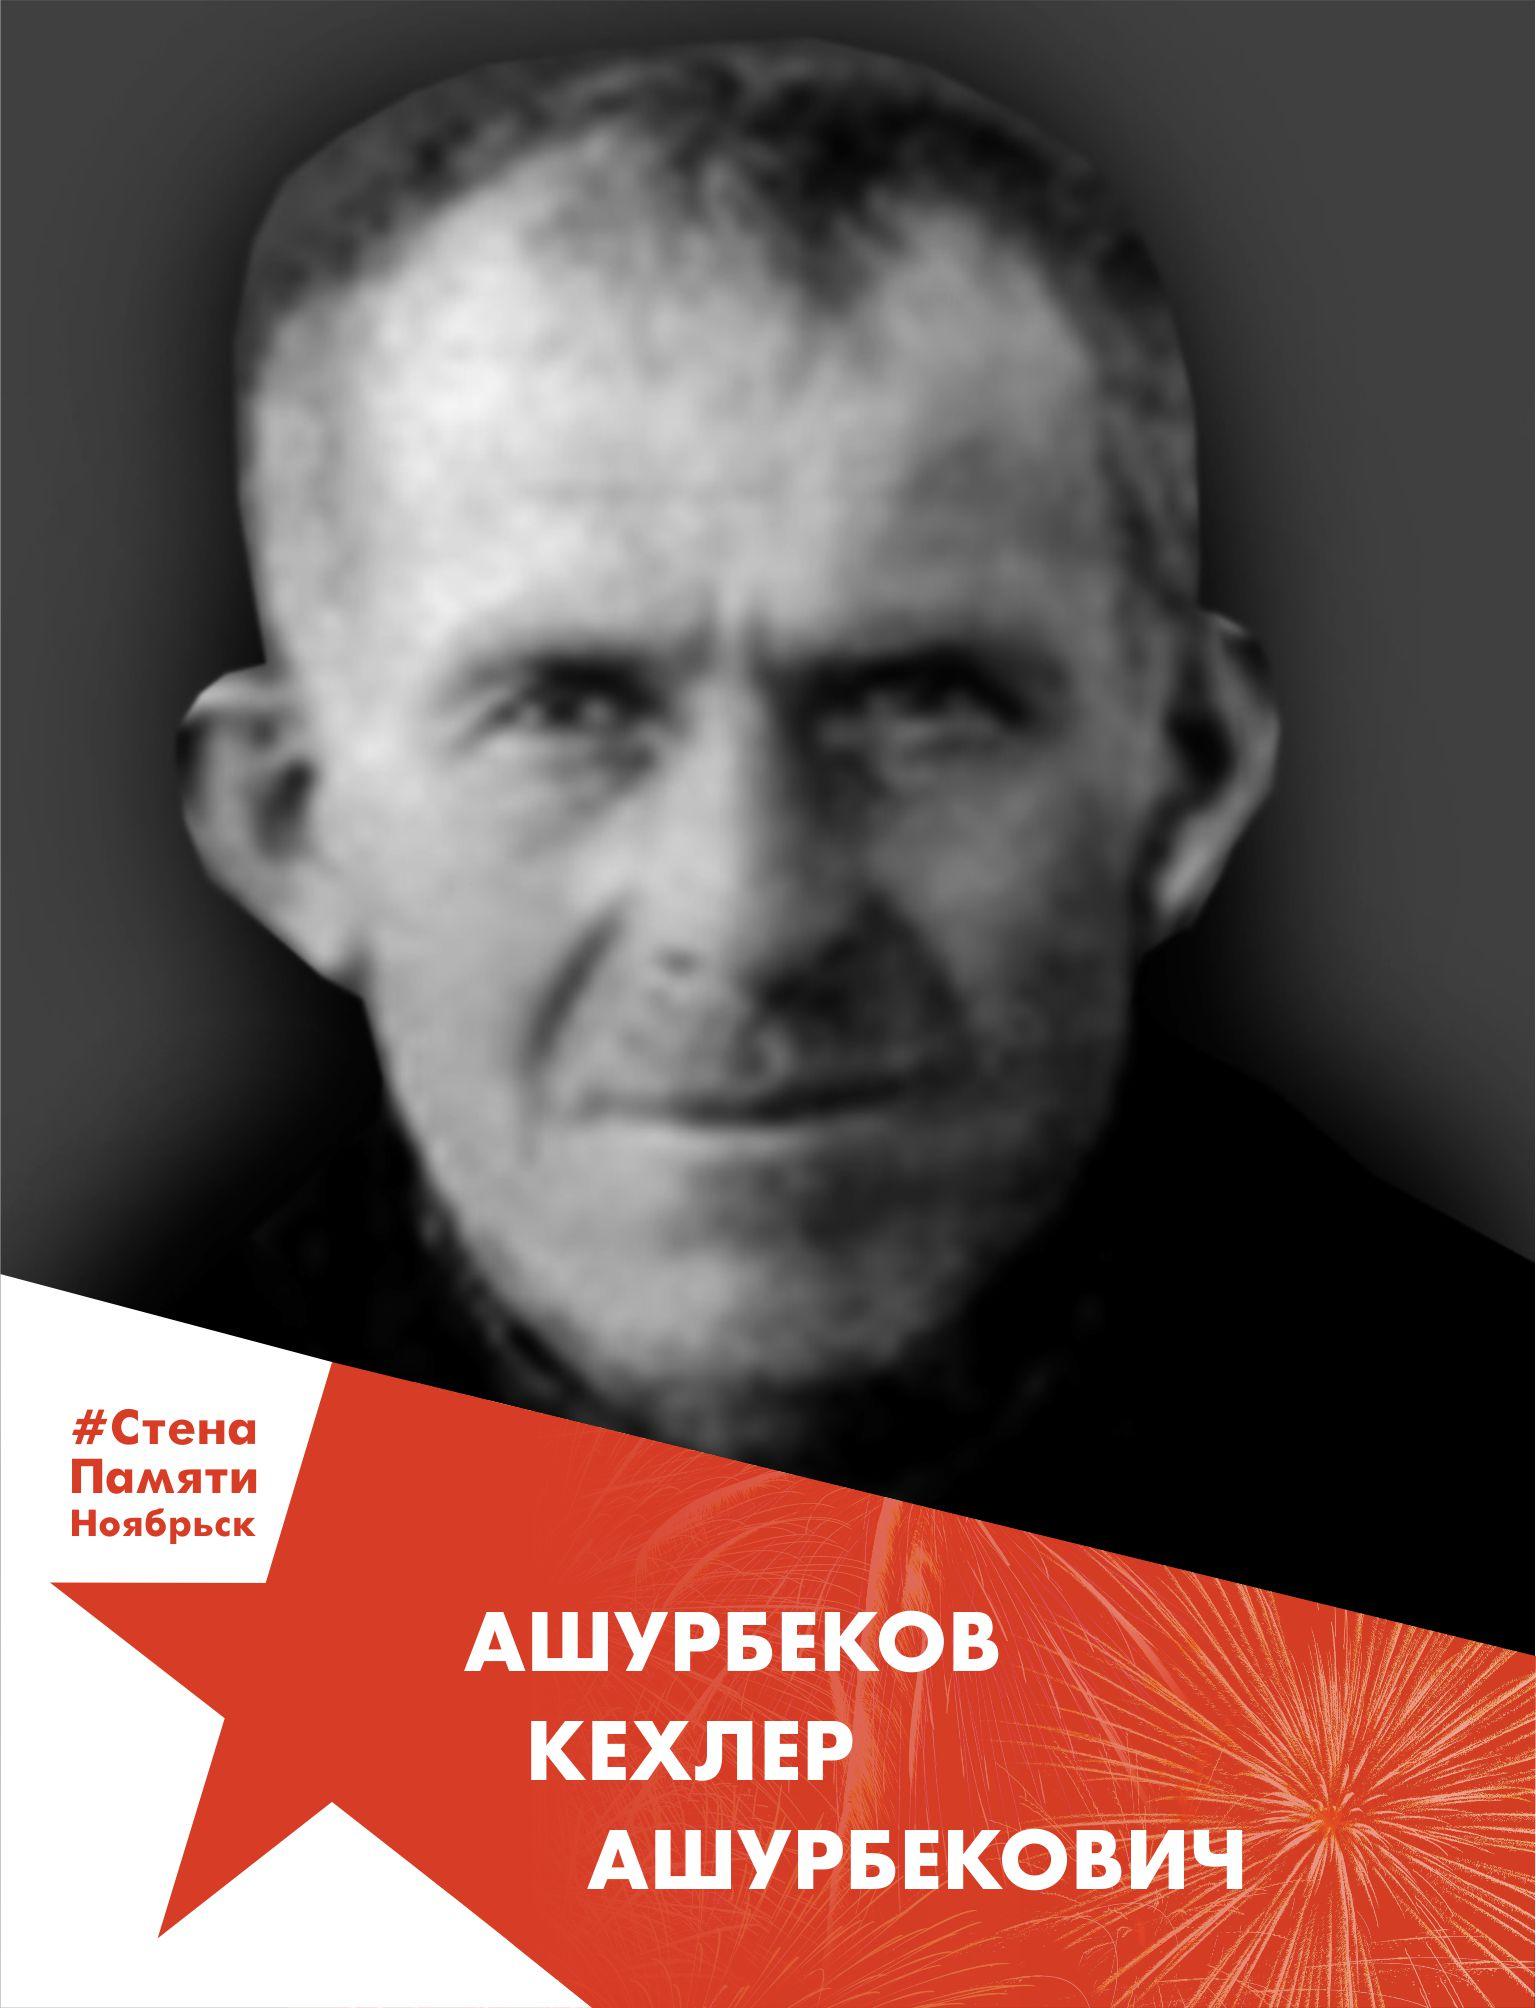 Ашурбеков Кехлер Ашурбекович